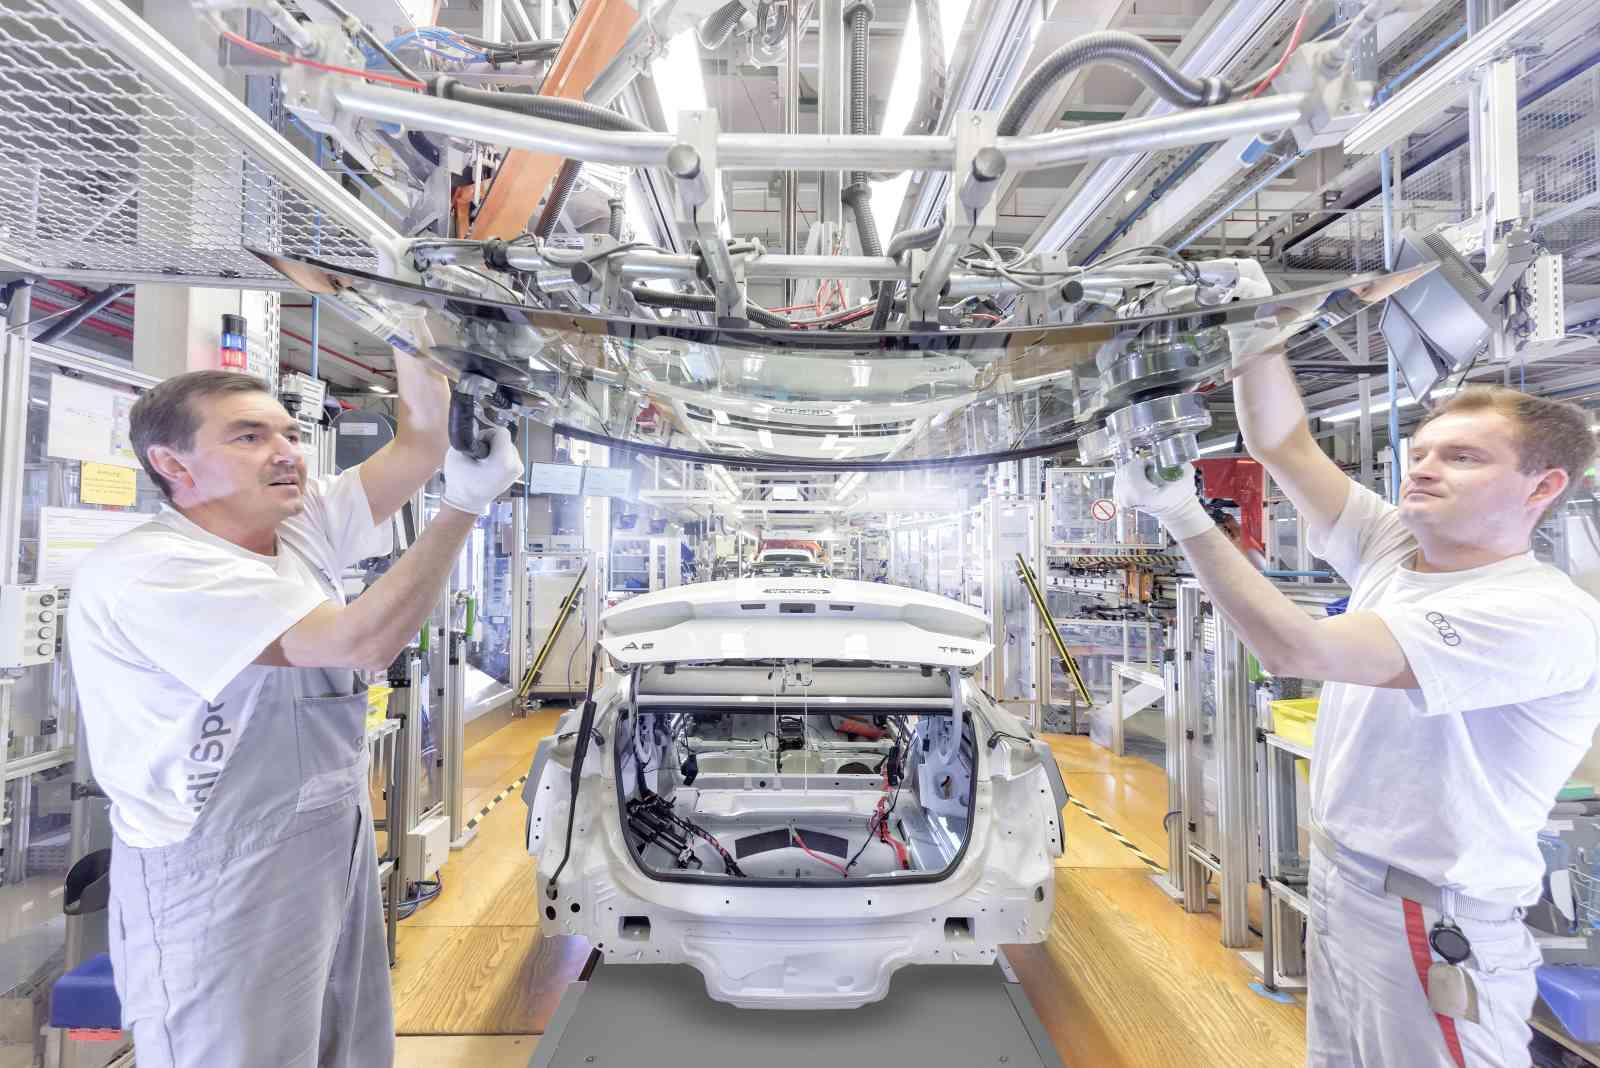 La linea di montaggio dell' Audi A5 Coupé/Sportback: l'assemblaggio del parabrezza e del lunotto